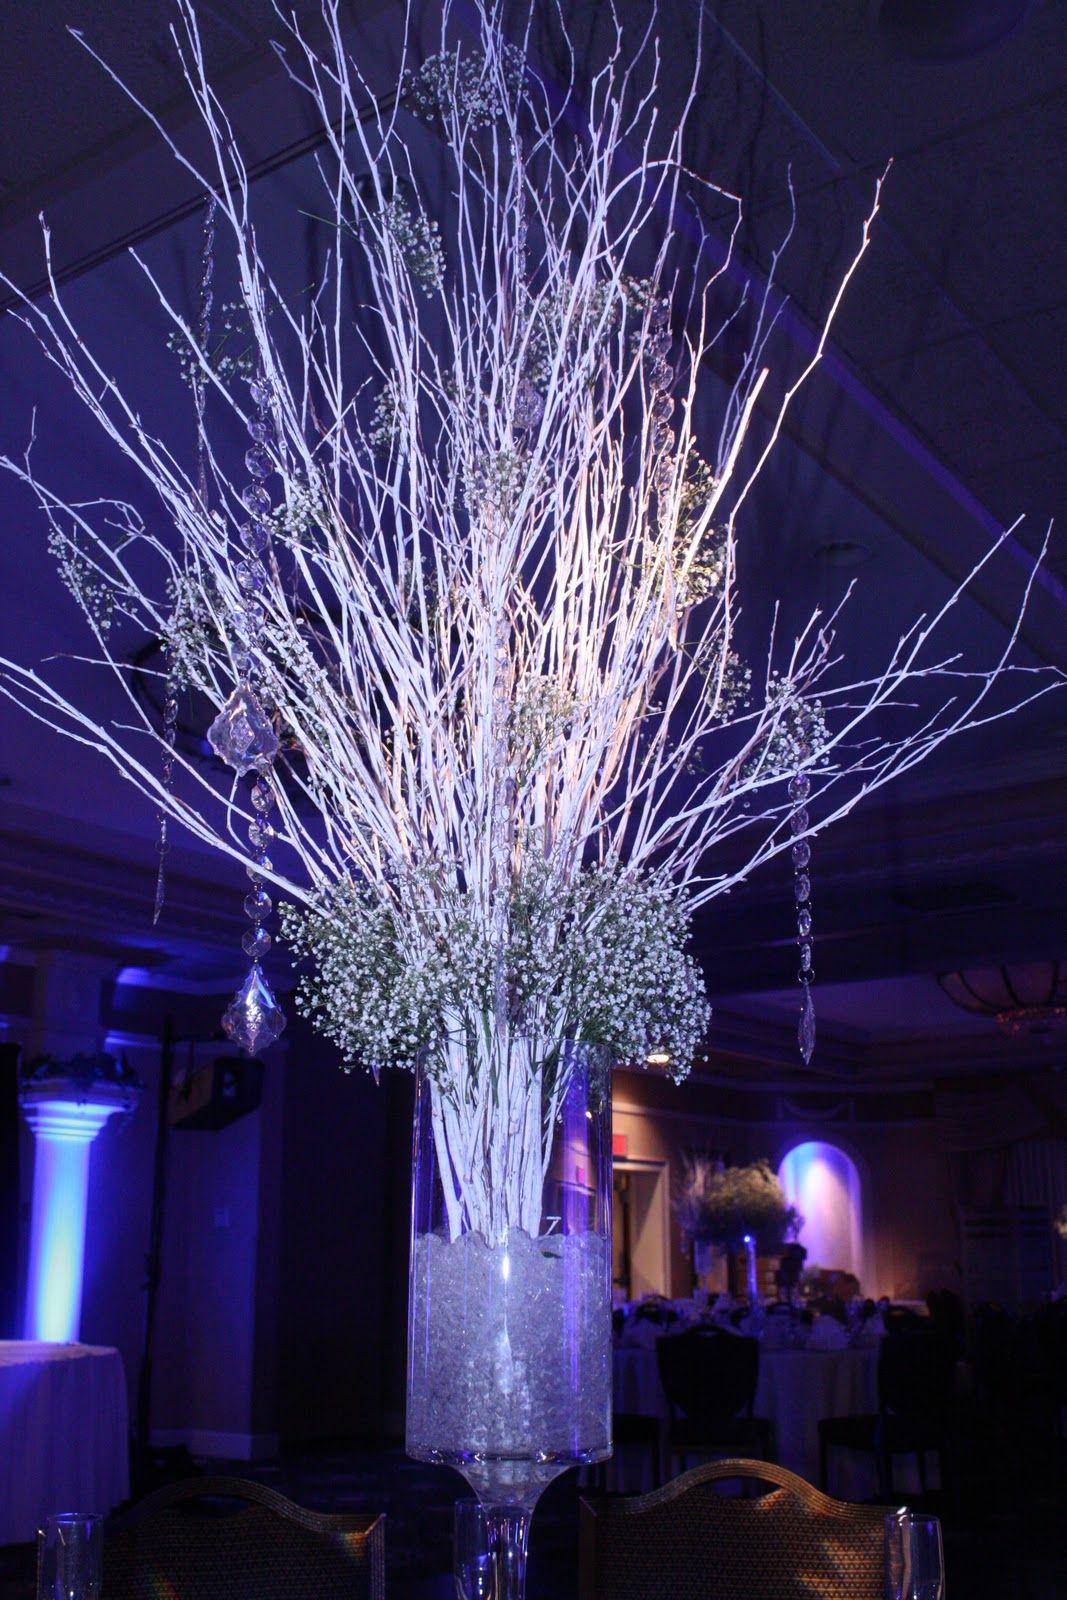 More Trees E J Christmas Wedding Centerpieces Wedding